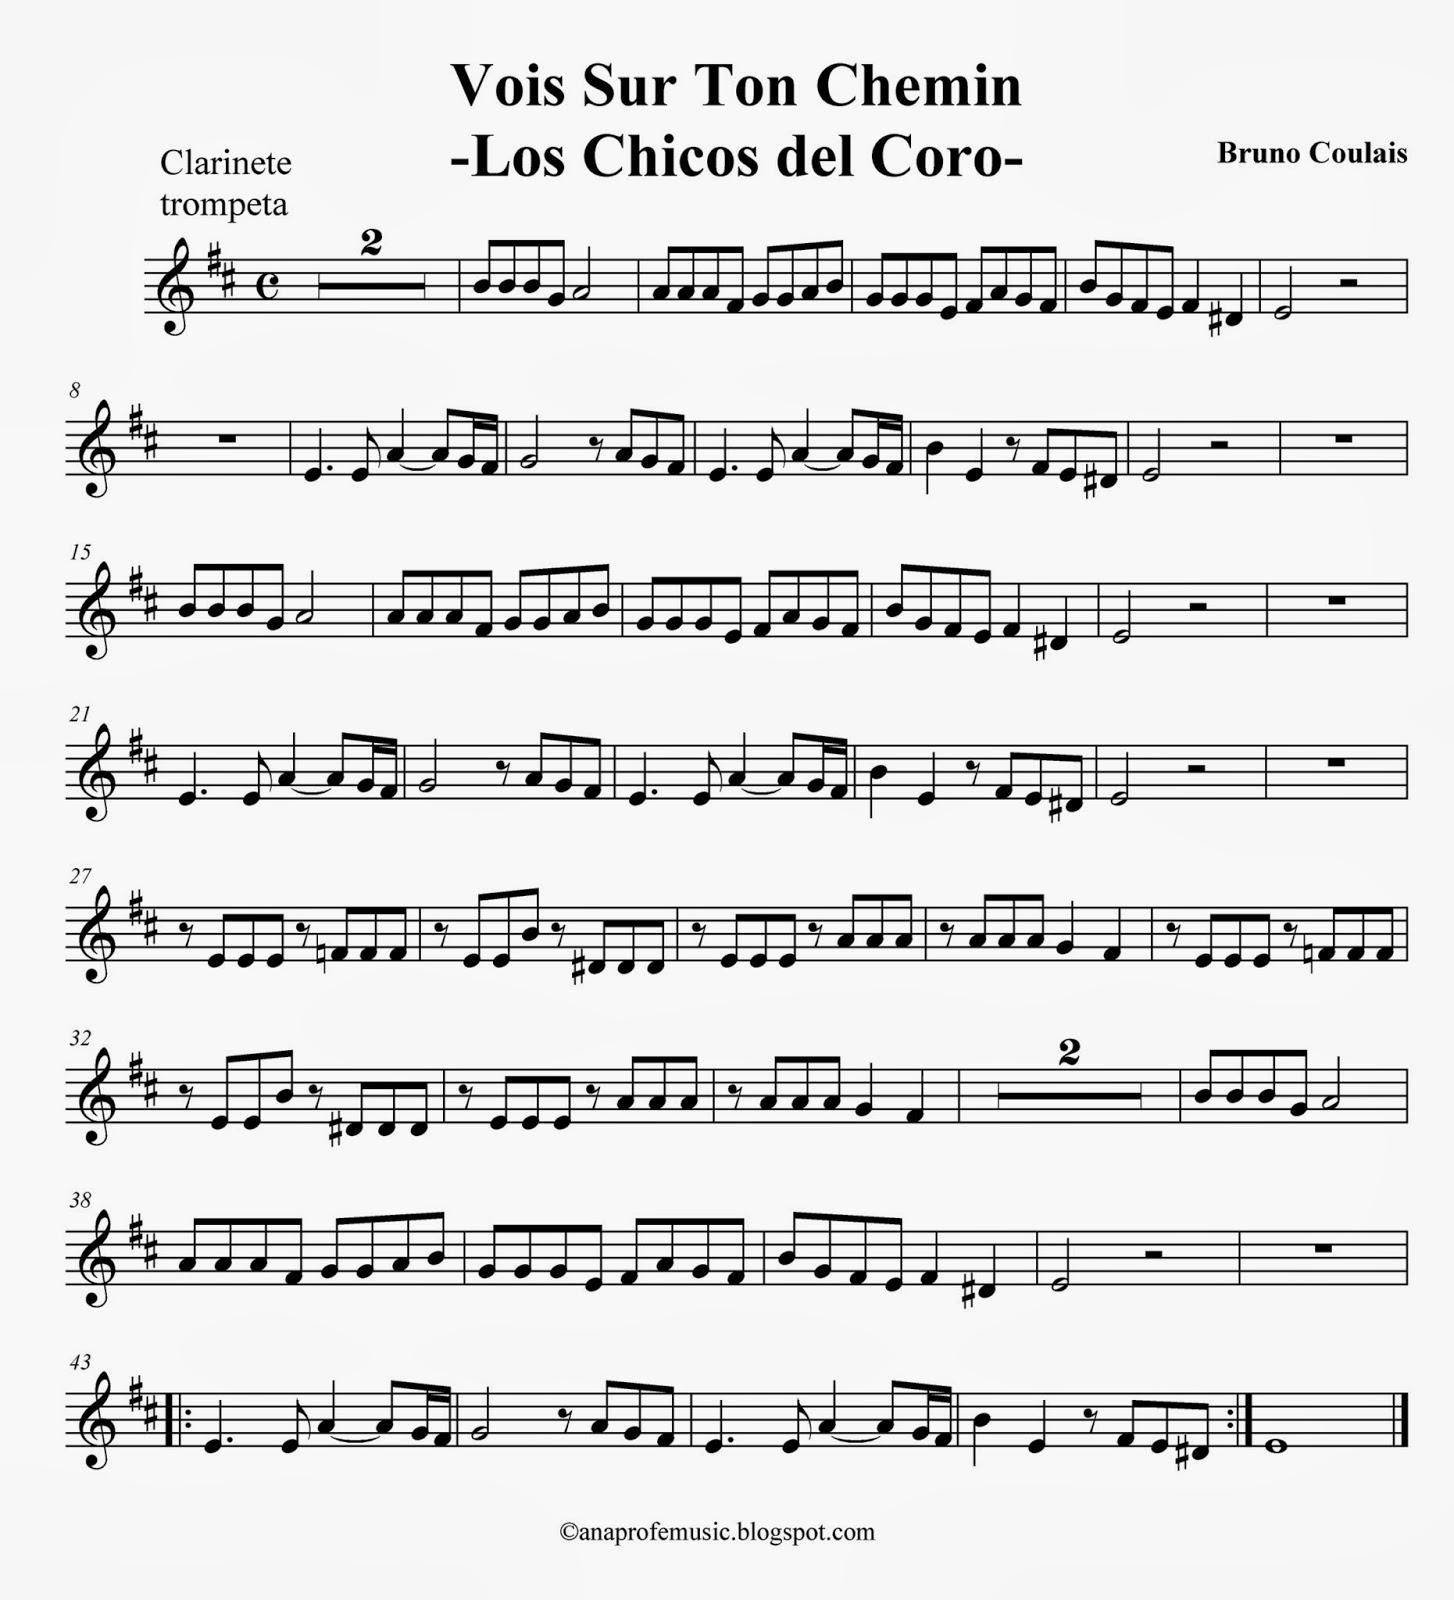 Los chicos del coro ver online gratis busco hombre sexo Gijón-21205